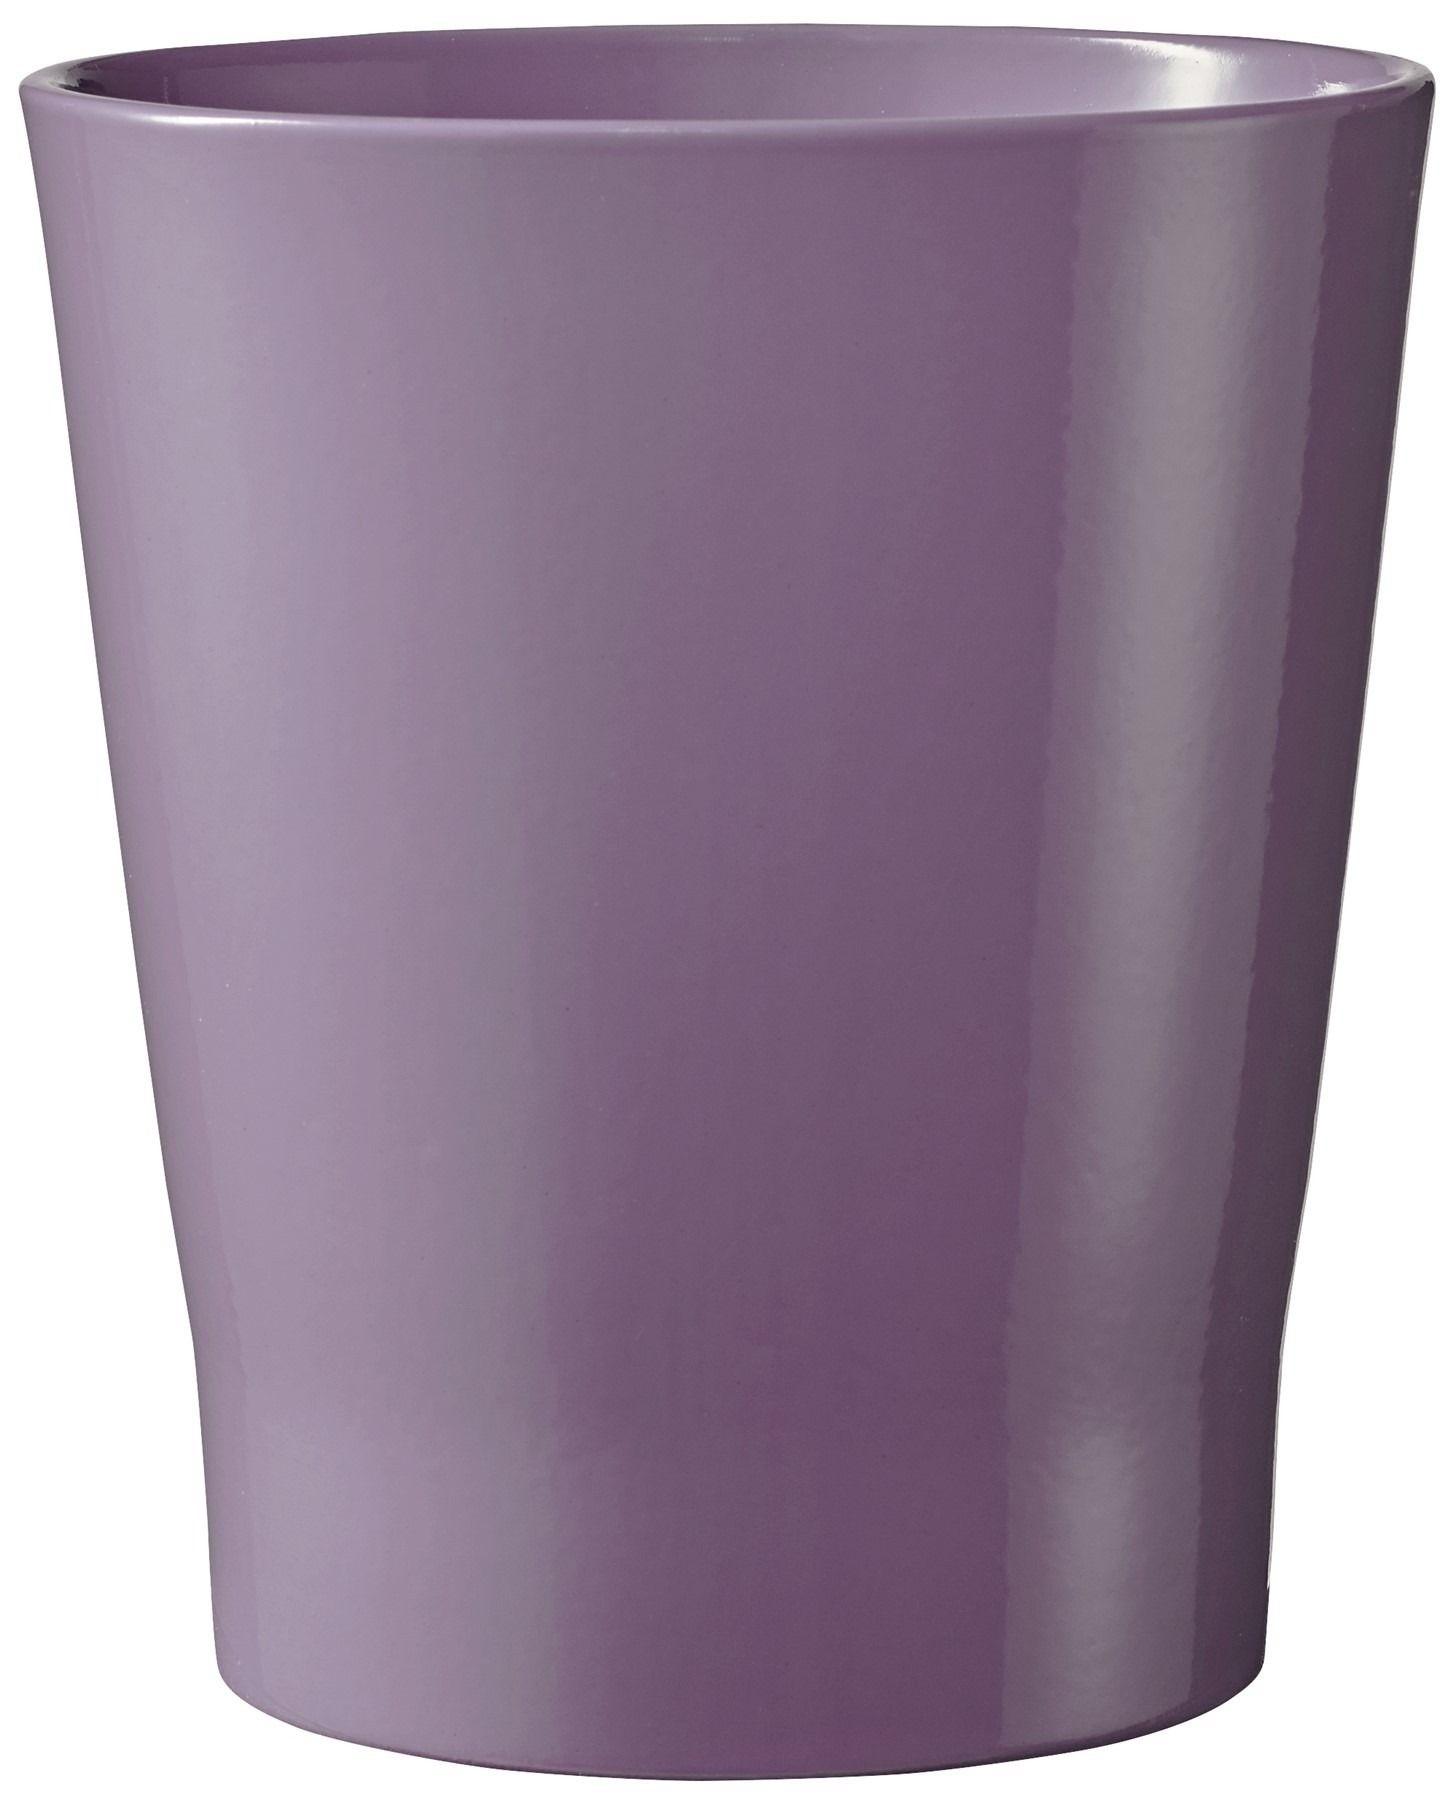 Merina Orchid Vase Shiny Antique Lilac (W14cm x H15cm)